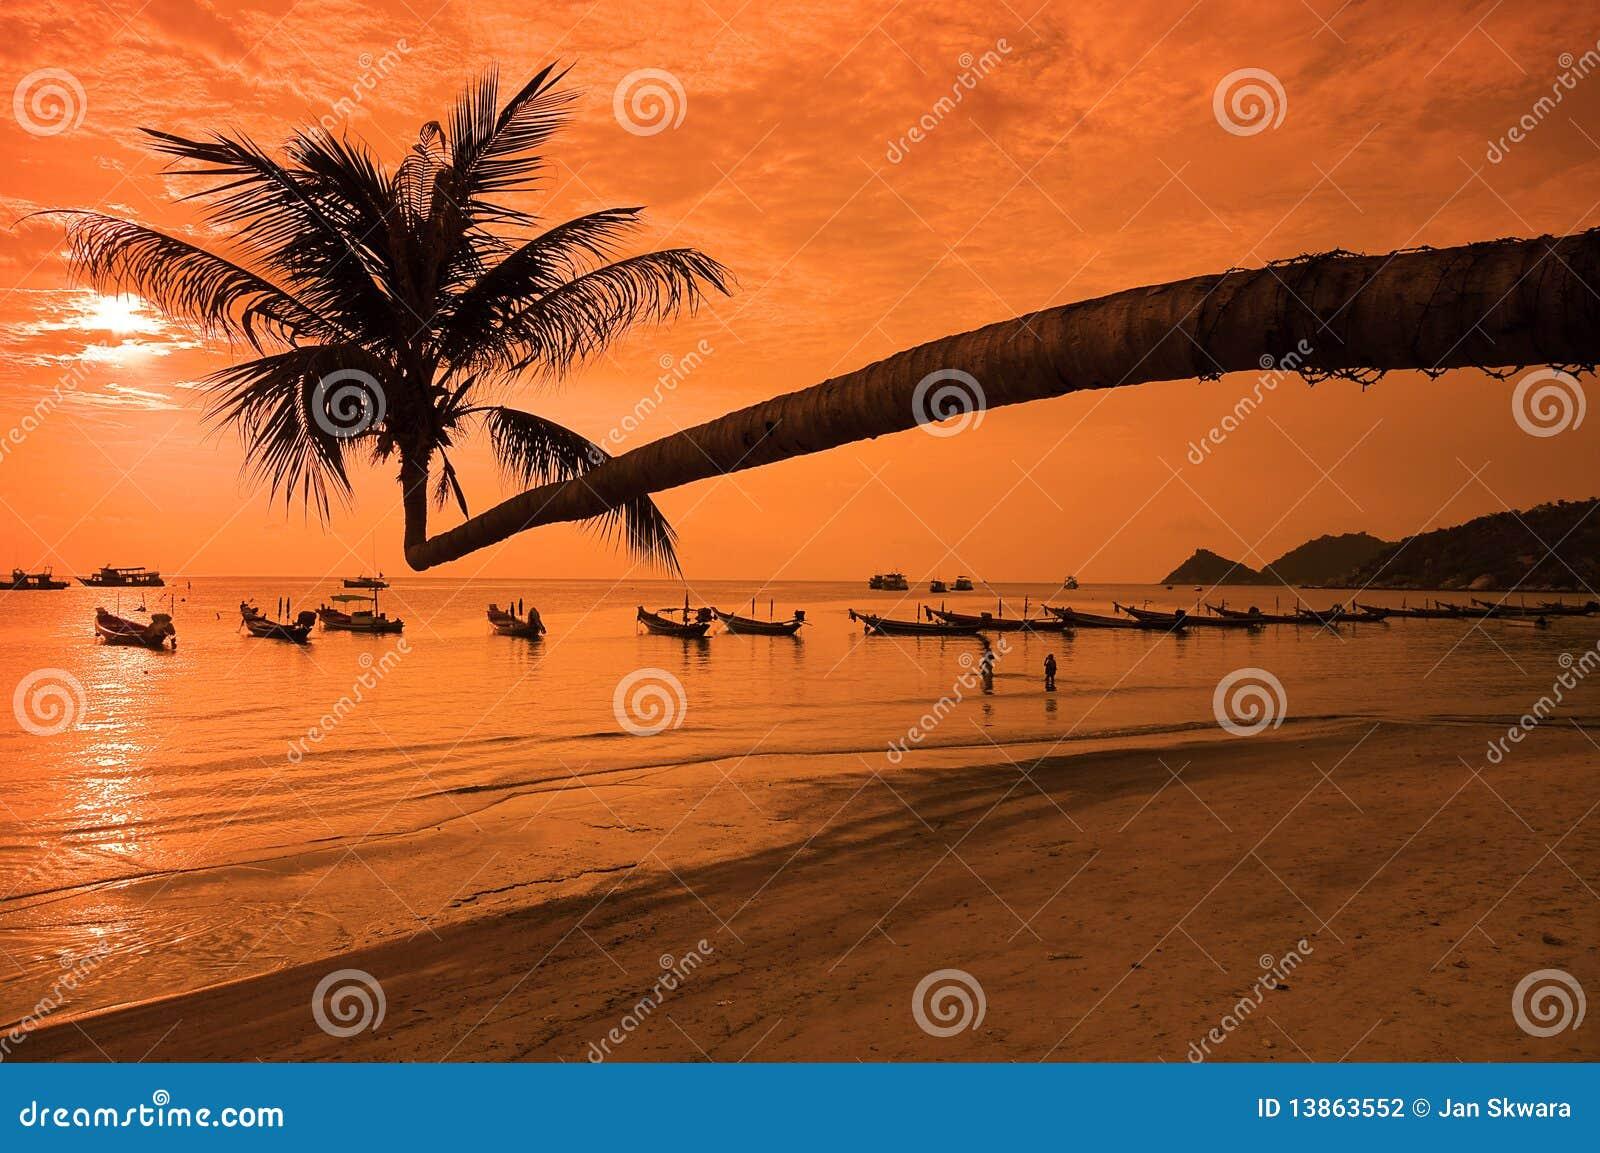 Tramonto con la palma e le barche sulla spiaggia tropicale for Disegni di casa sulla spiaggia tropicale